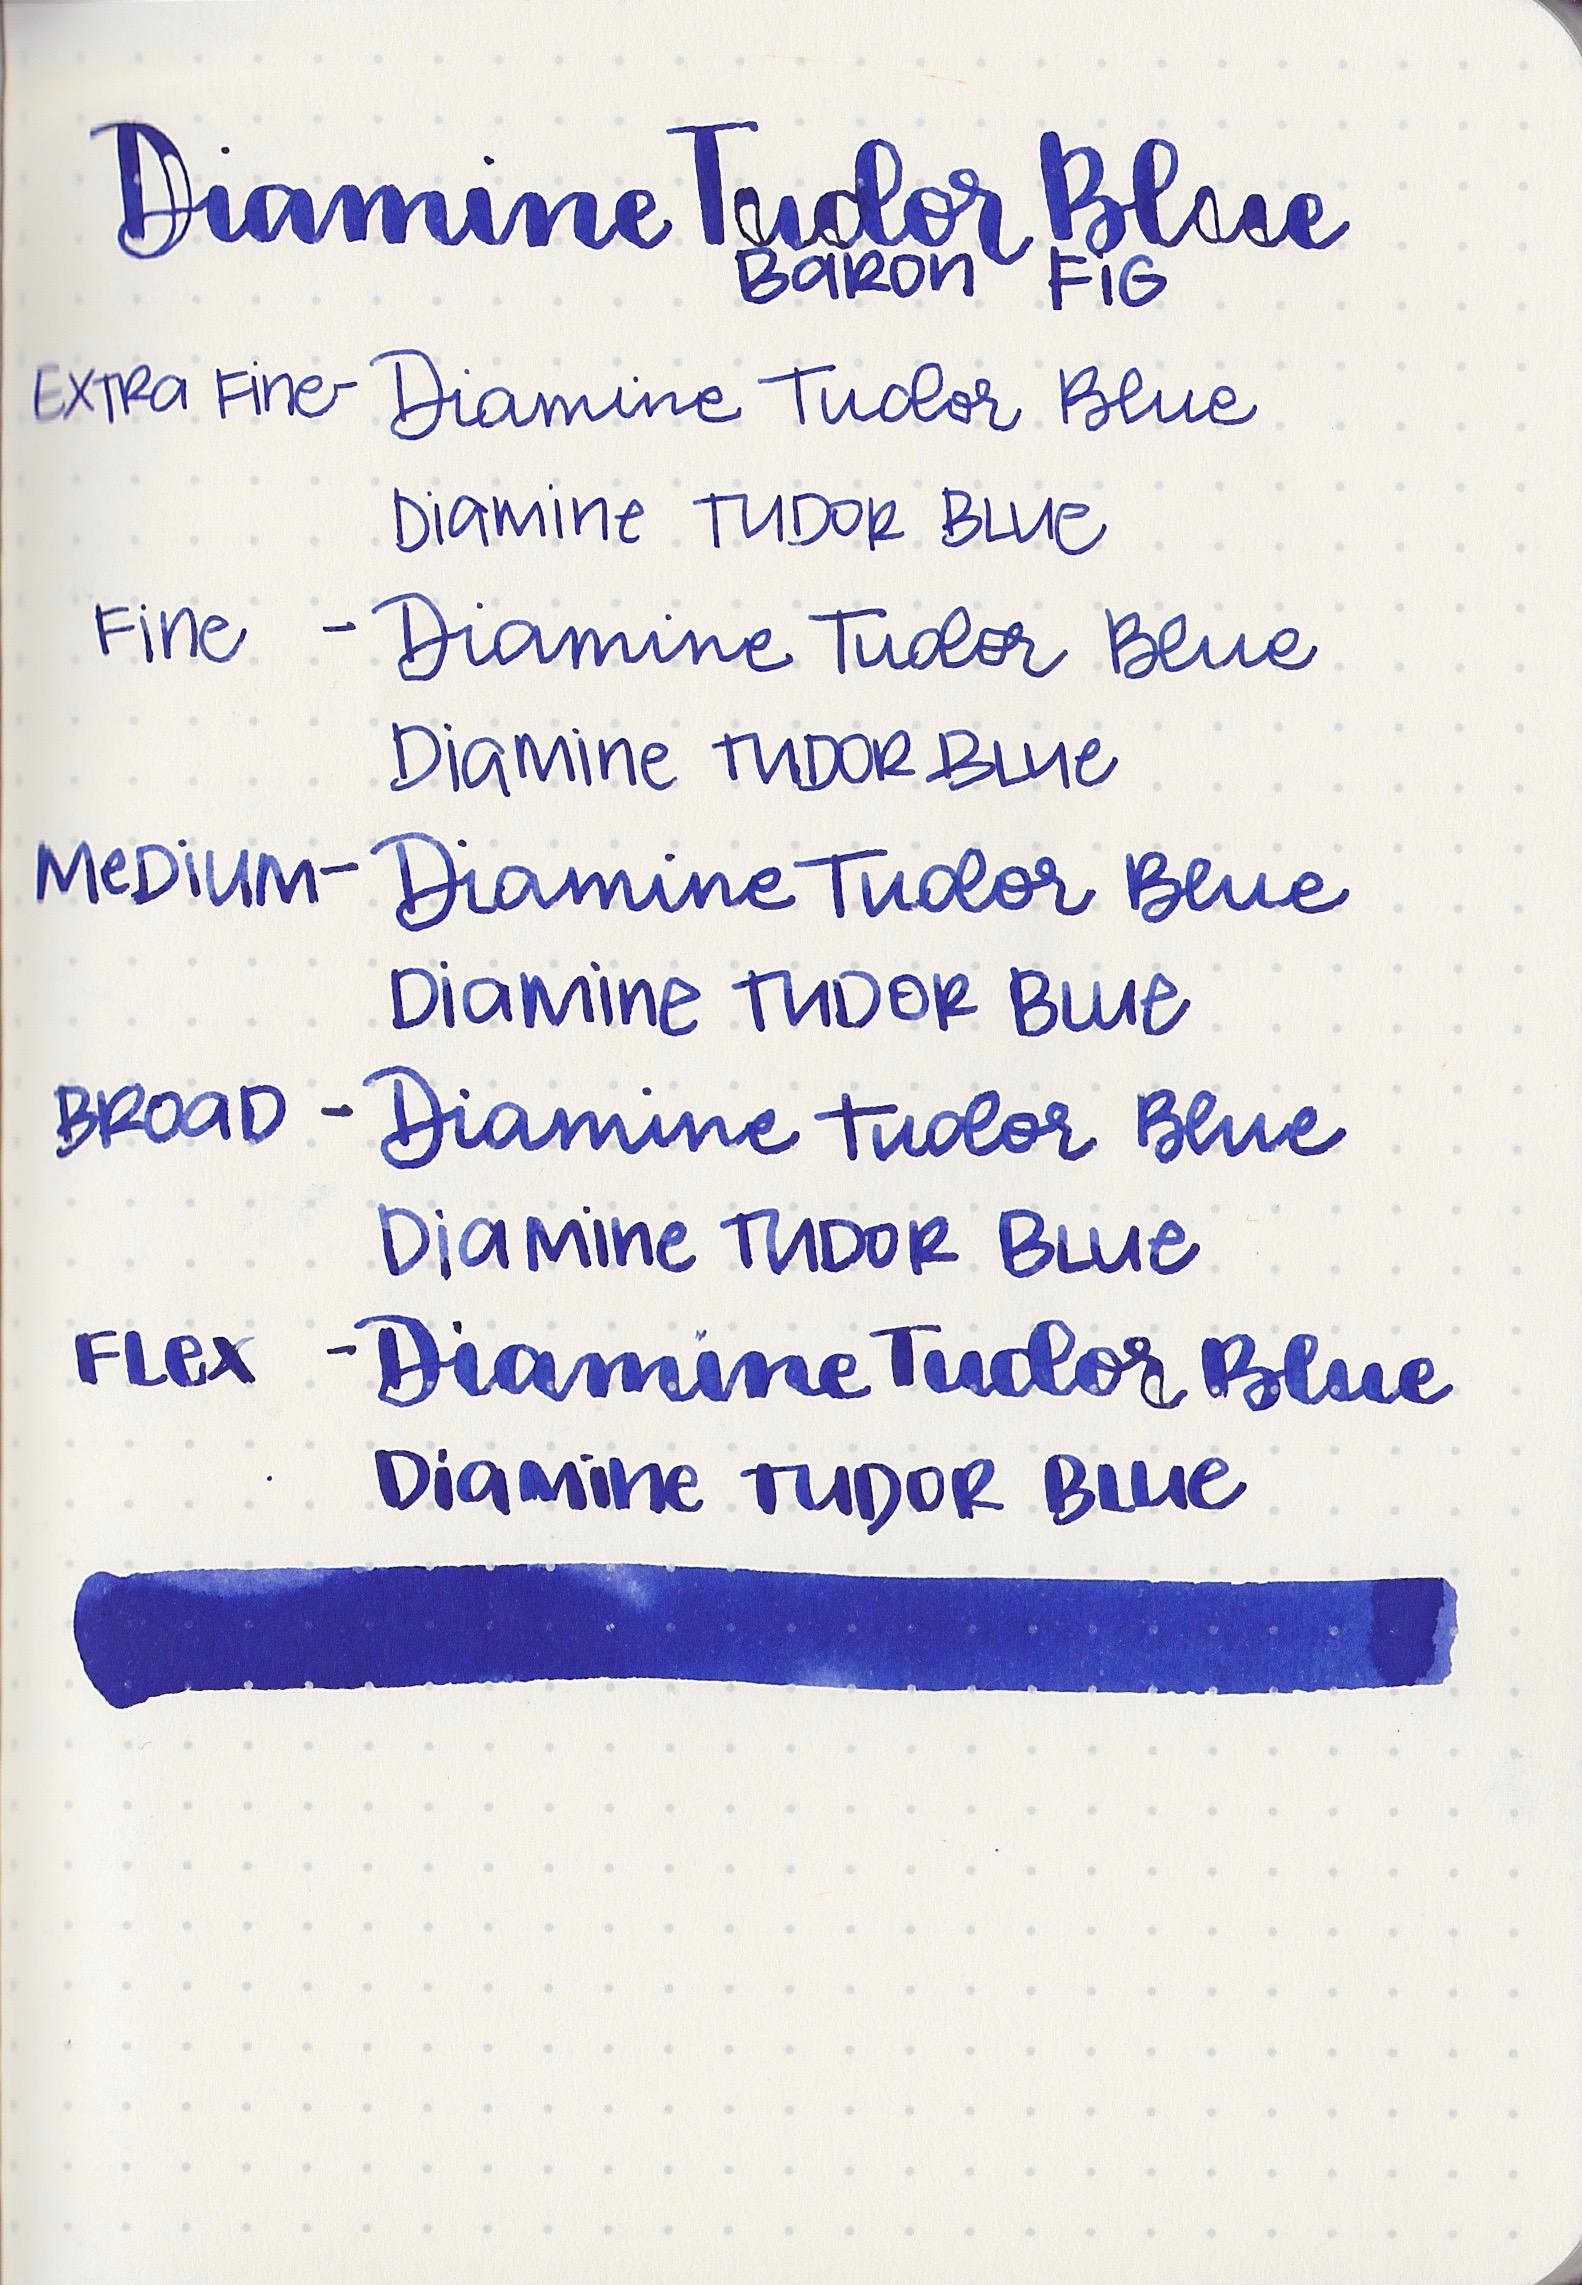 DTudorBlue - 11.jpg